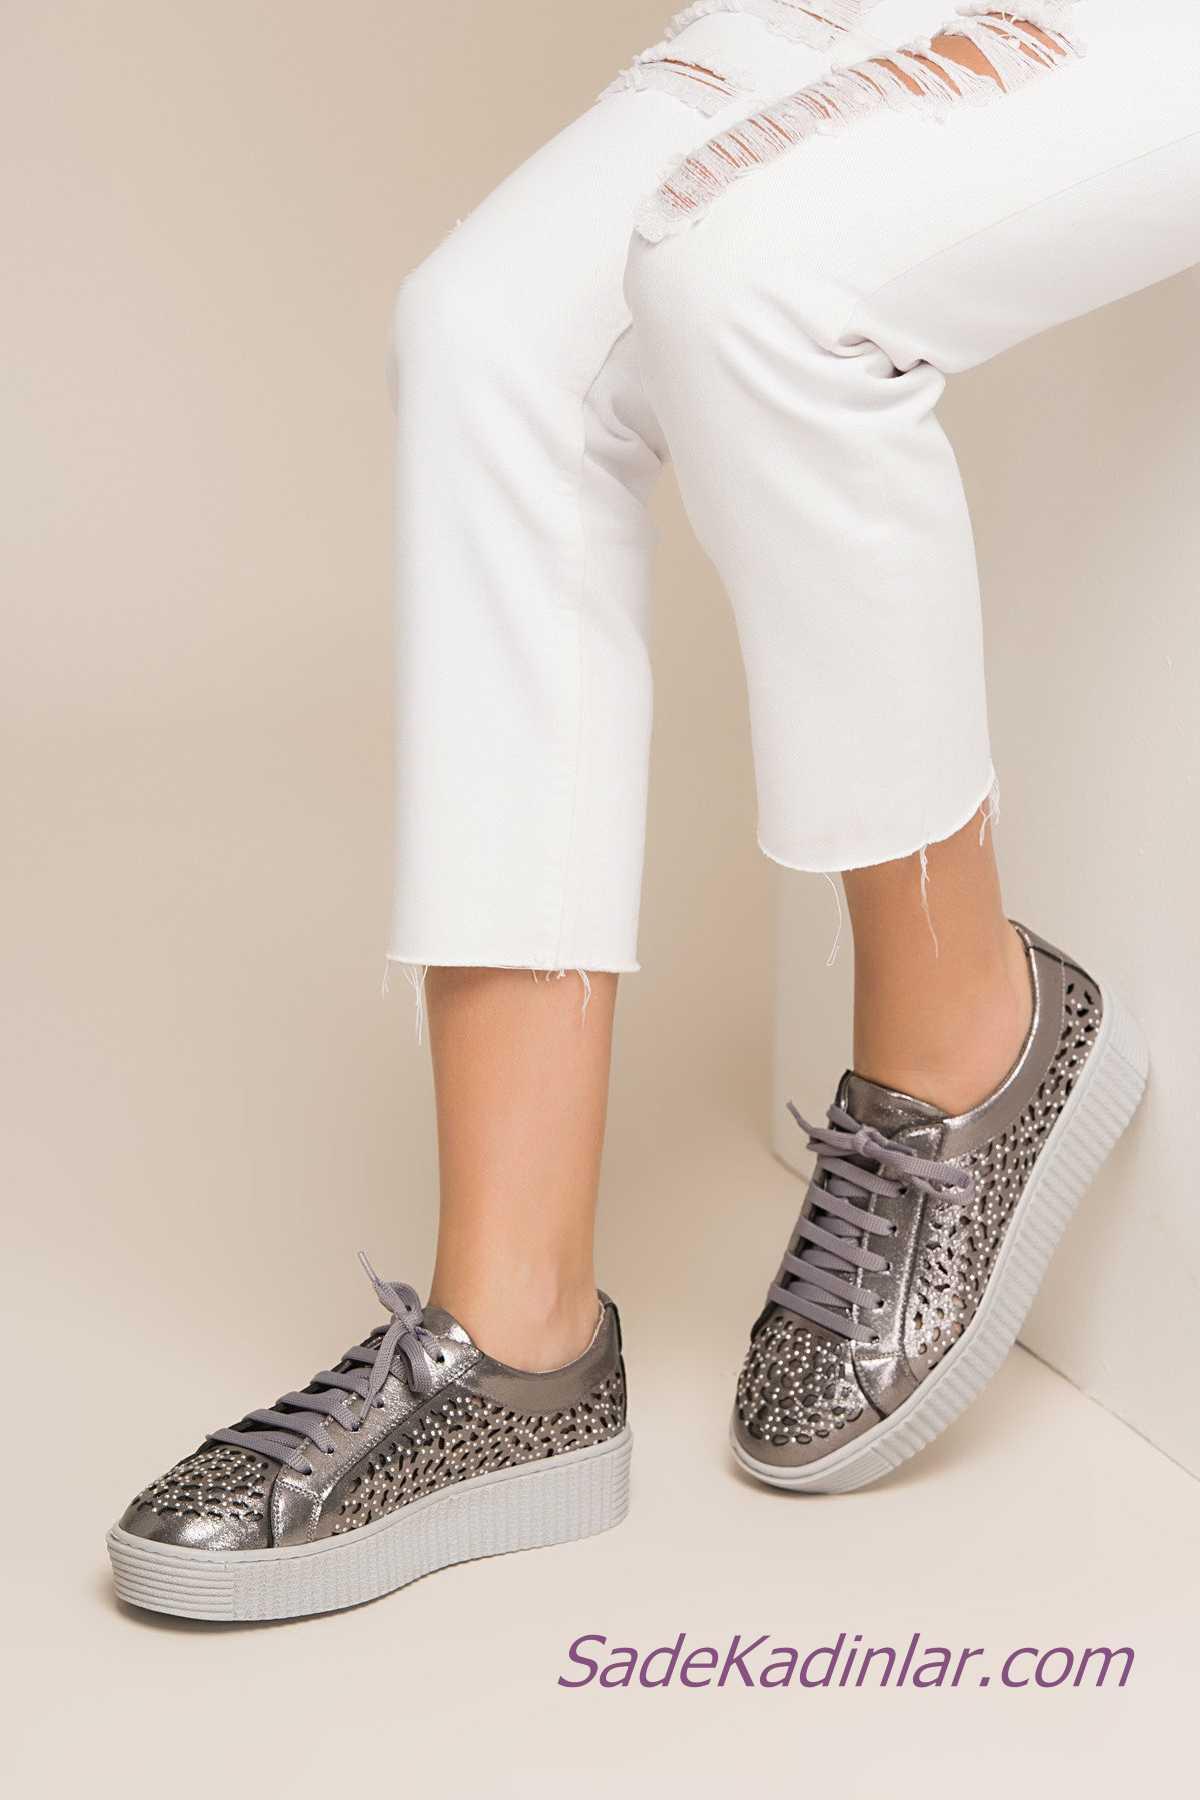 Sneakers Bayan Spor Ayakkabı Modelleri Gümüş Taşlı Desenli Bağcıklı